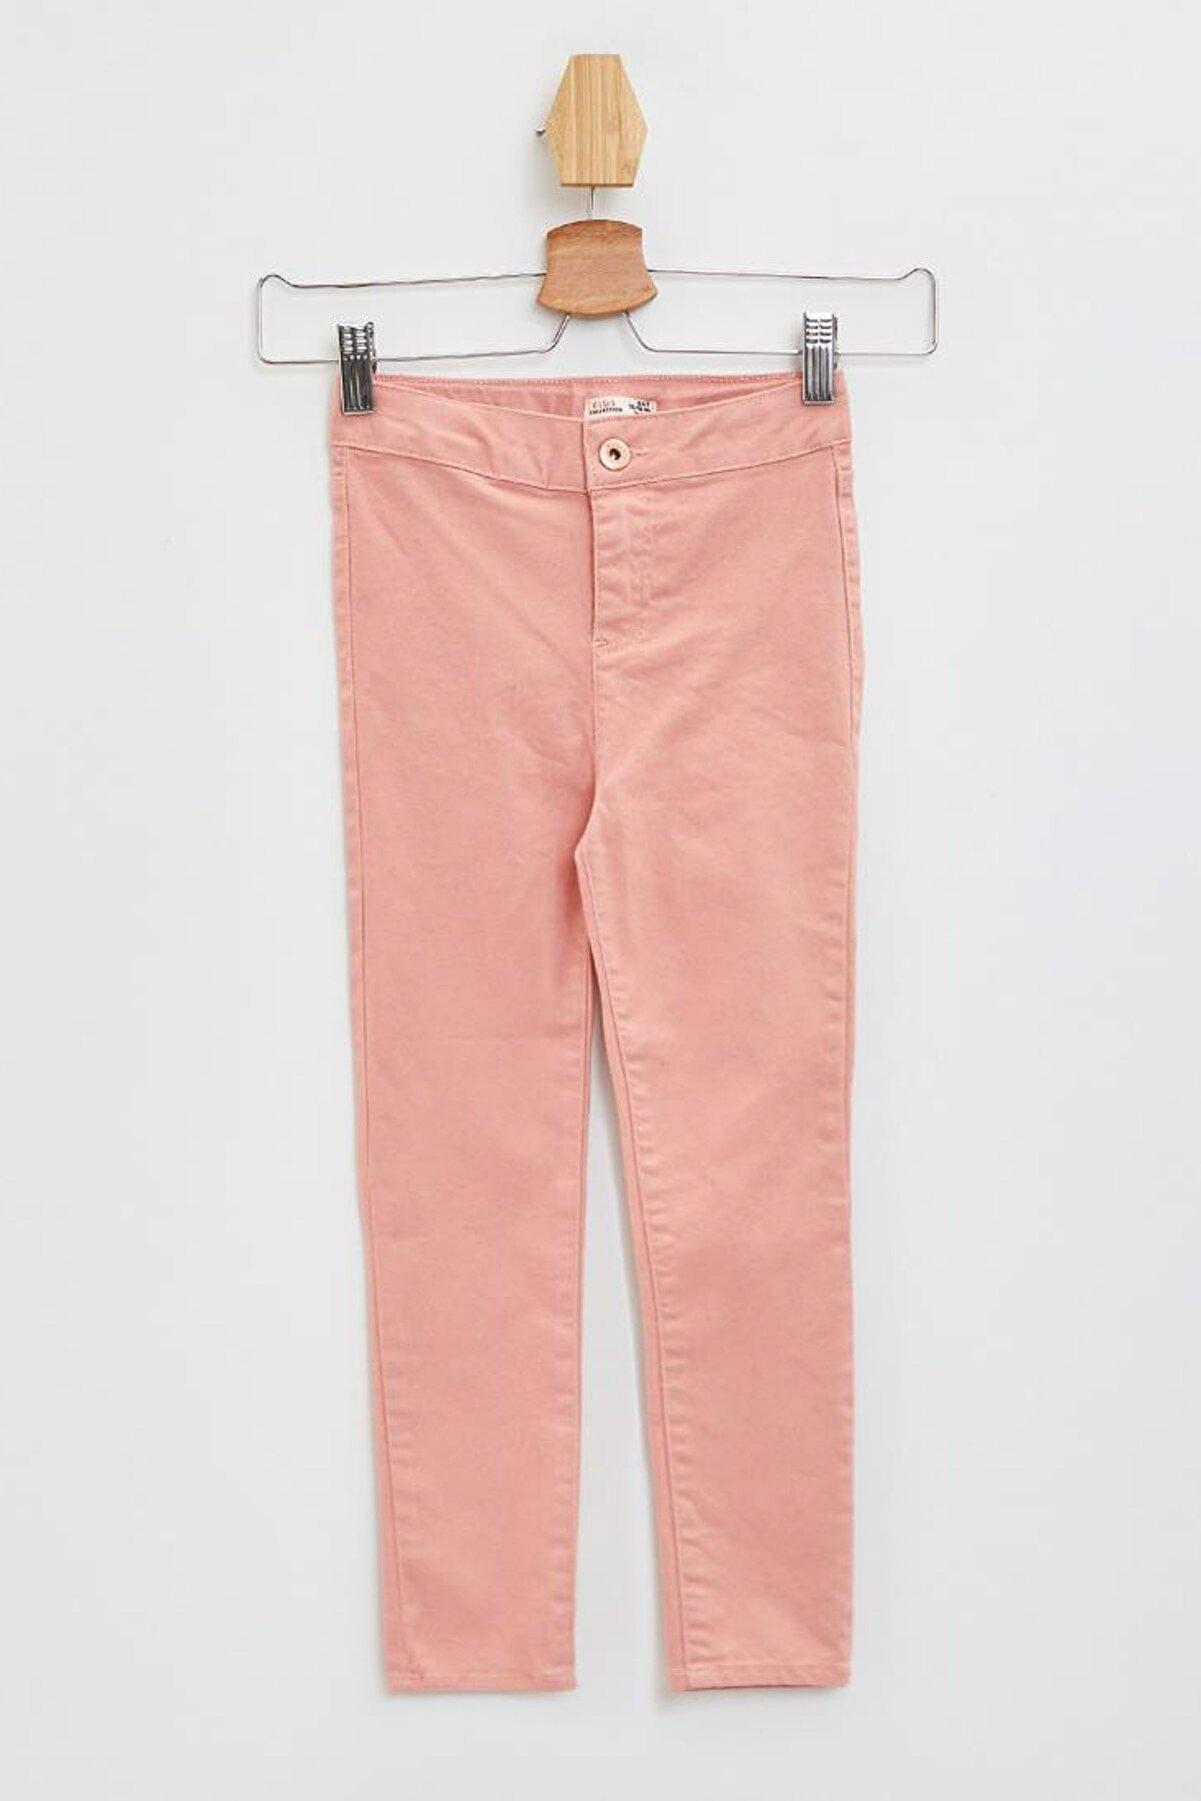 Defacto Kız Çocuk Skinny Fit Pantolon